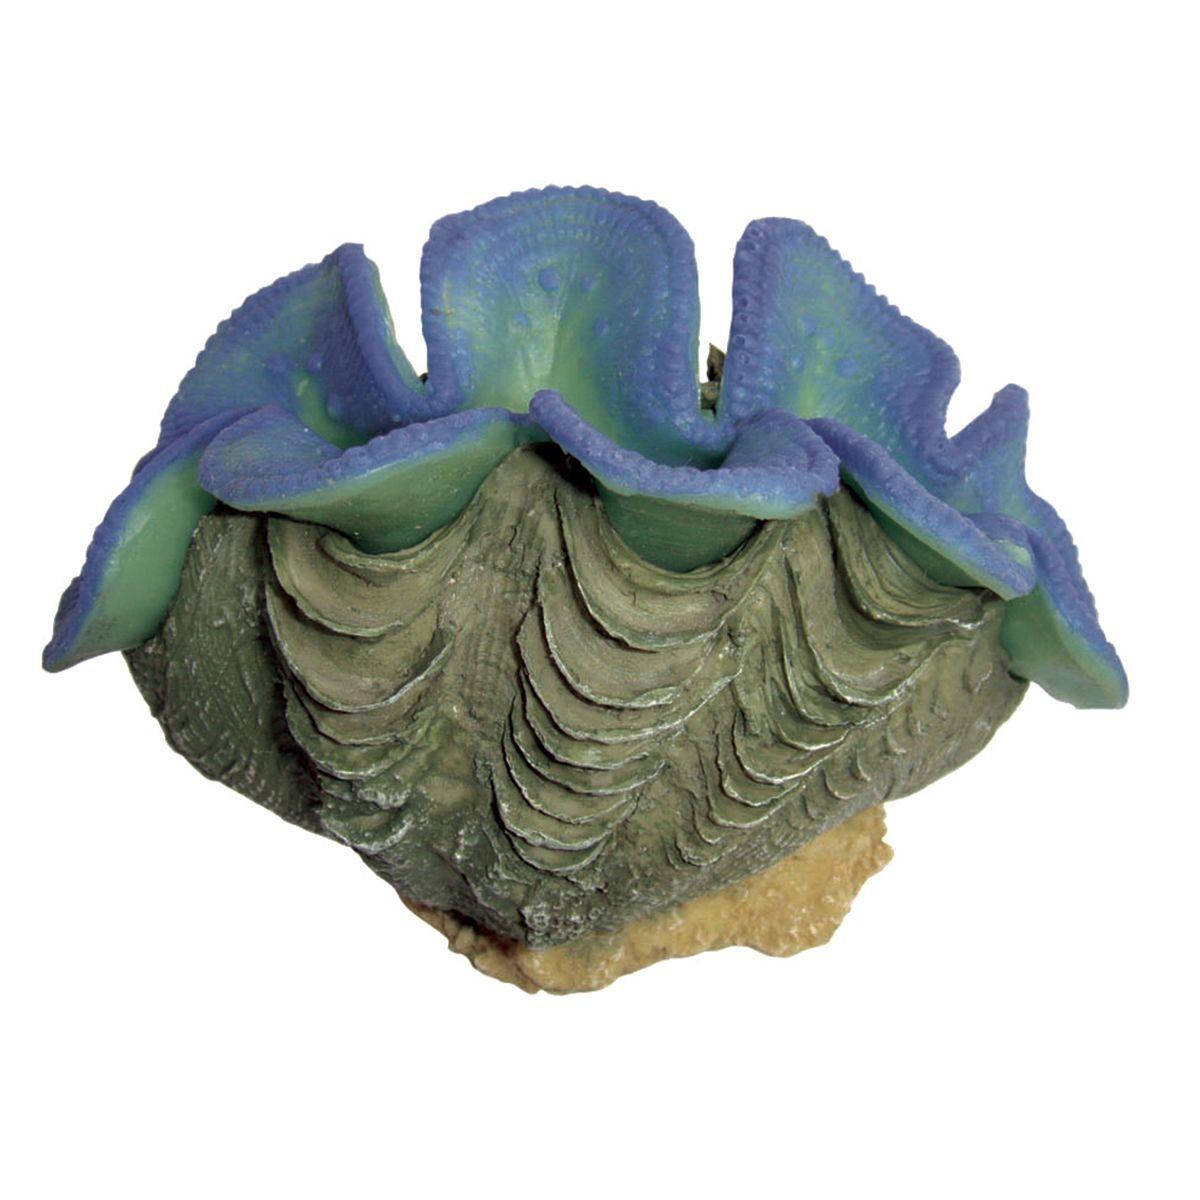 Декорация для аквариума ArtUniq Тридакна синяя, 9,5 x 5,5 x 6 см0120710Декорация ArtUniq – это яркая и важная часть любой композиции, она поможет вдохнуть жизнь в ландшафт любого аквариума или террариума. Декорация безопасна для обитателей аквариума, она не меняет параметры воды. Многие обитатели аквариума часто используют декорации как укрытия, в которых они живут и размножаются. Благодаря декорациям ArtUniq вы сможете создать прекрасный пейзаж на дне вашего аквариума или террариума.